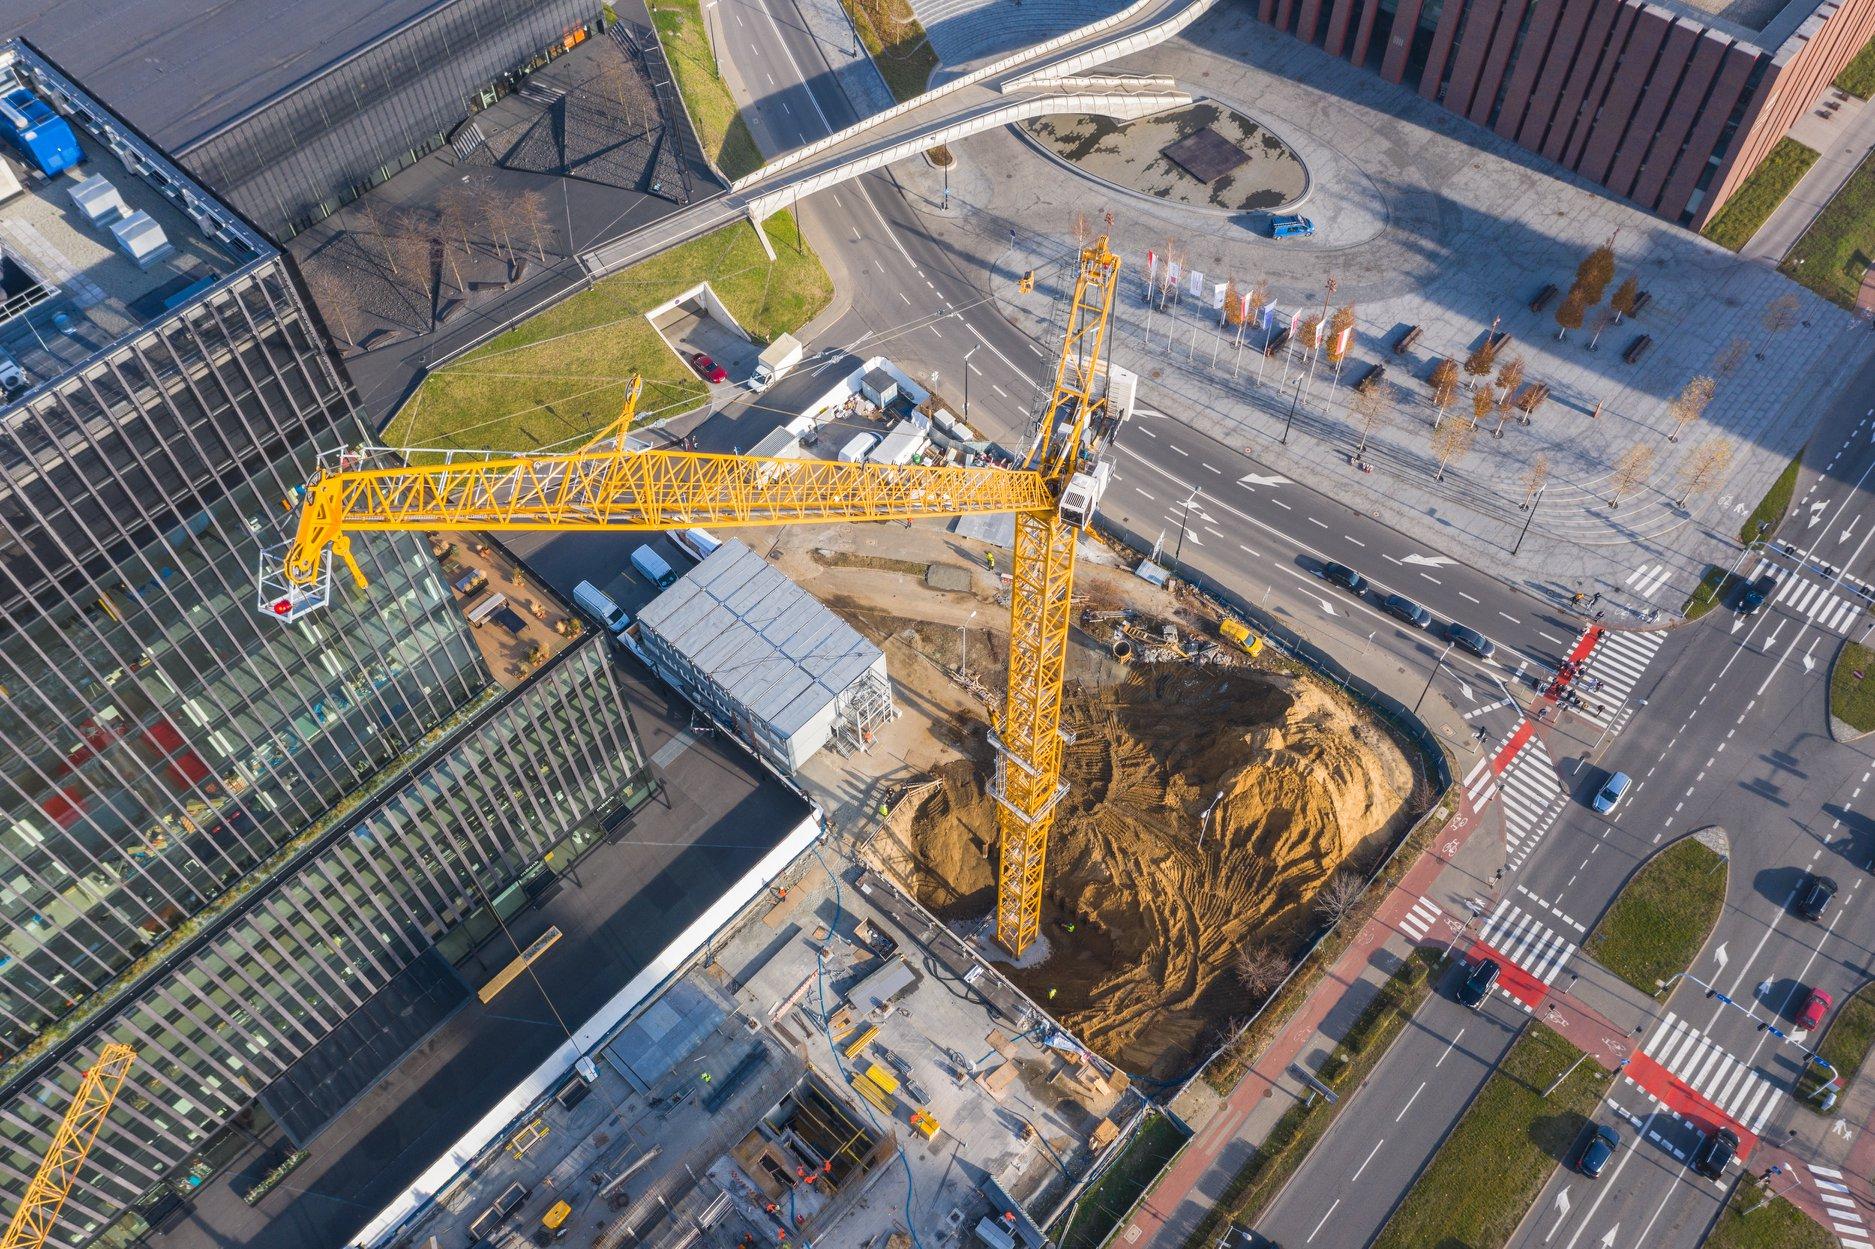 Budowa KTW II w Katowicach: pierwsze ściany już stoją [ZDJĘCIA]